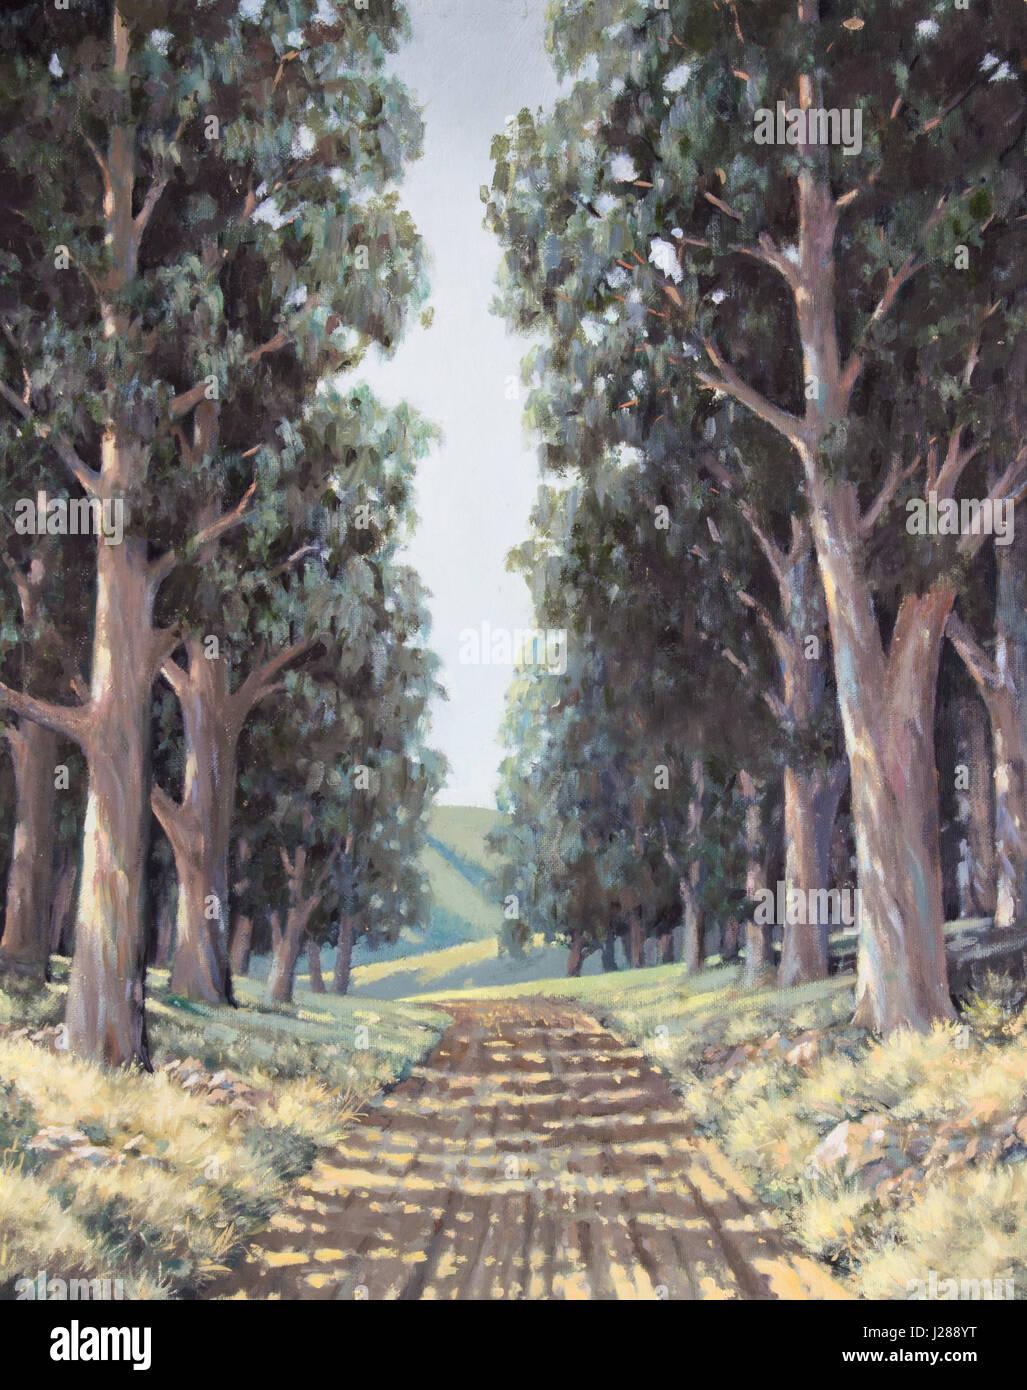 Óleo sobre lienzo original - Carril de sun-tonos altos eucaliptos junto al camino campestre en Sudáfrica Imagen De Stock